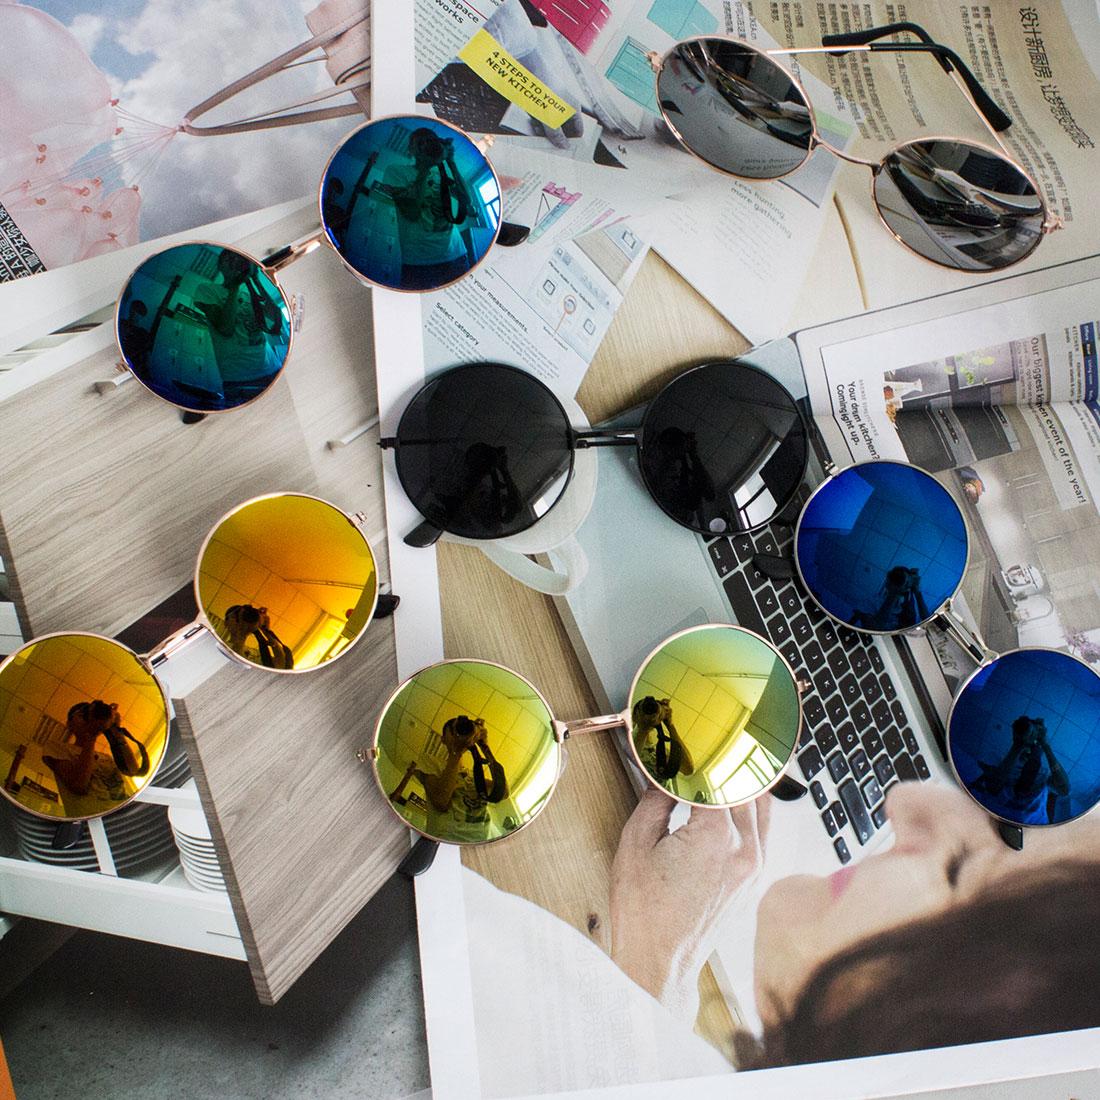 Damenbrillen 2018 Neue Mode Vintage Runde Linse Sonnenbrille Männer/frauen Retro Klare Linse Brillen Sonne Uv Gläser Für Weibliche Sonnenbrillen